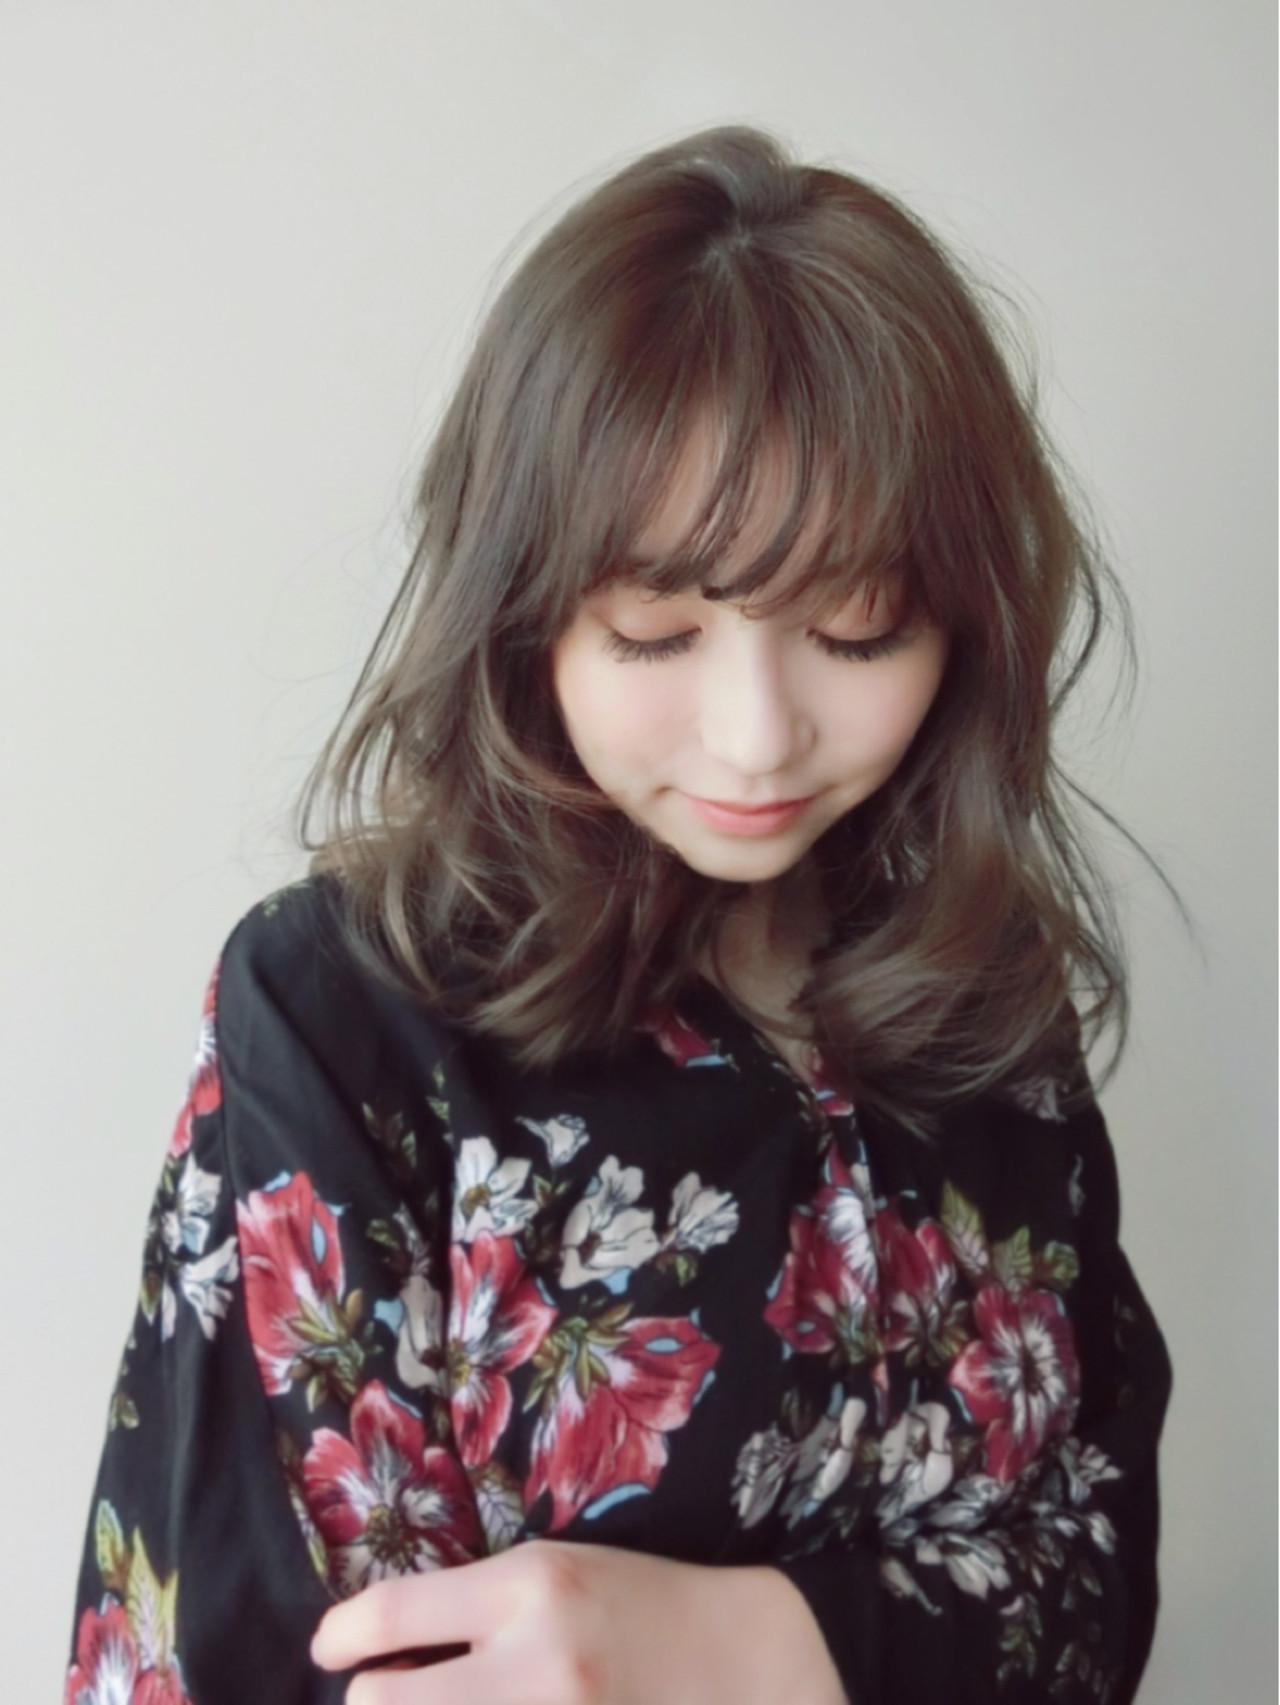 ふんわりがステキ♡女性らしいシルエットヘア 尾花 佑輔